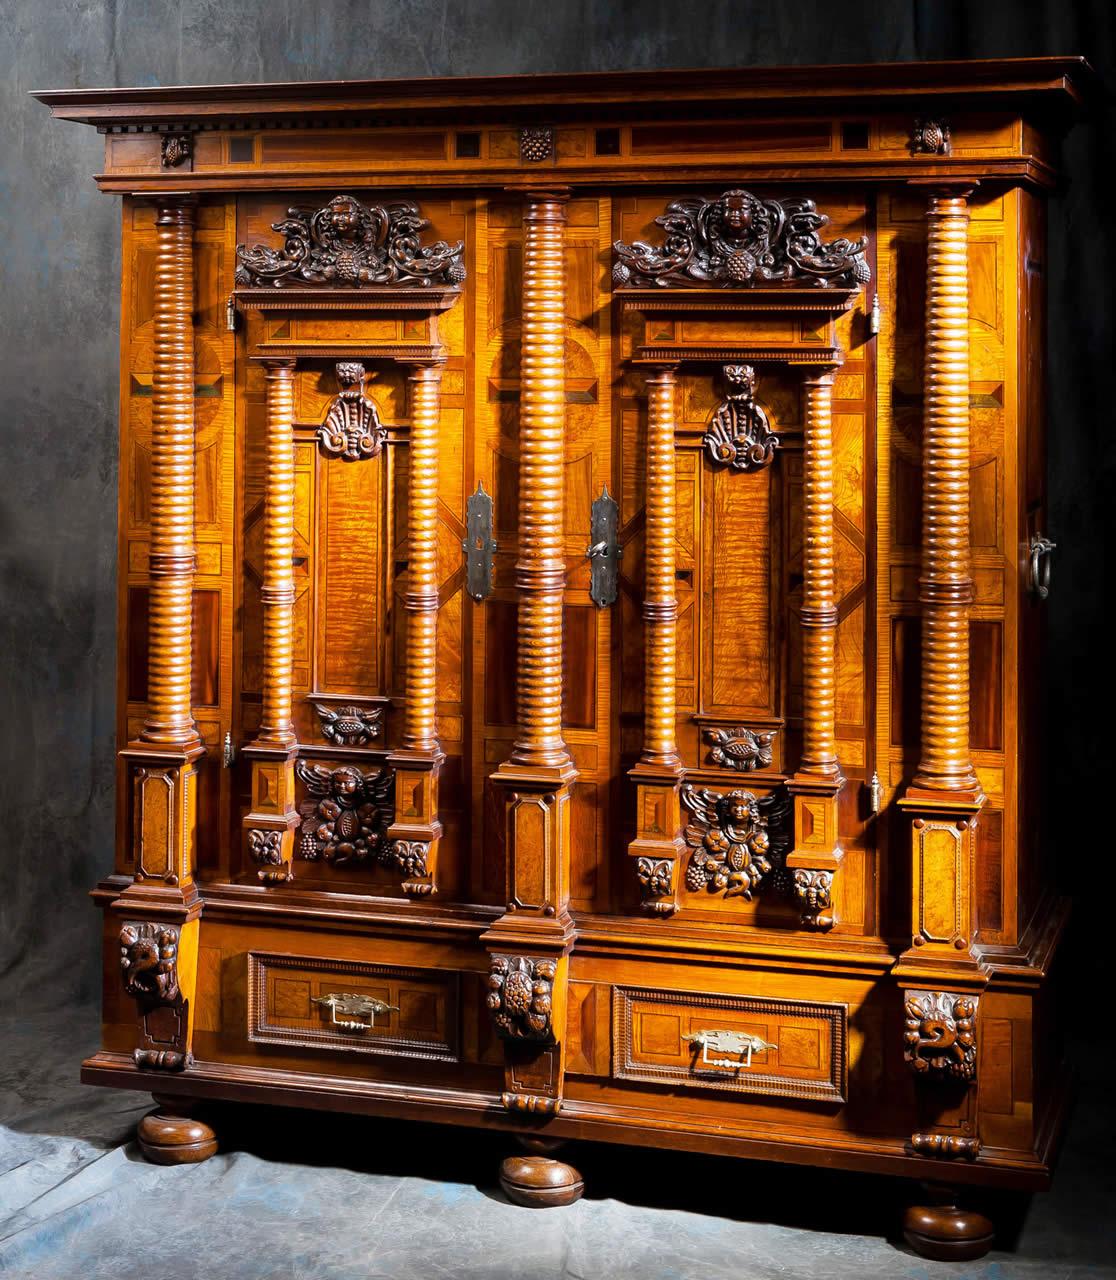 Meubles anciens armoire alsacienne 7 colonnes bertrand for Meuble antiquite